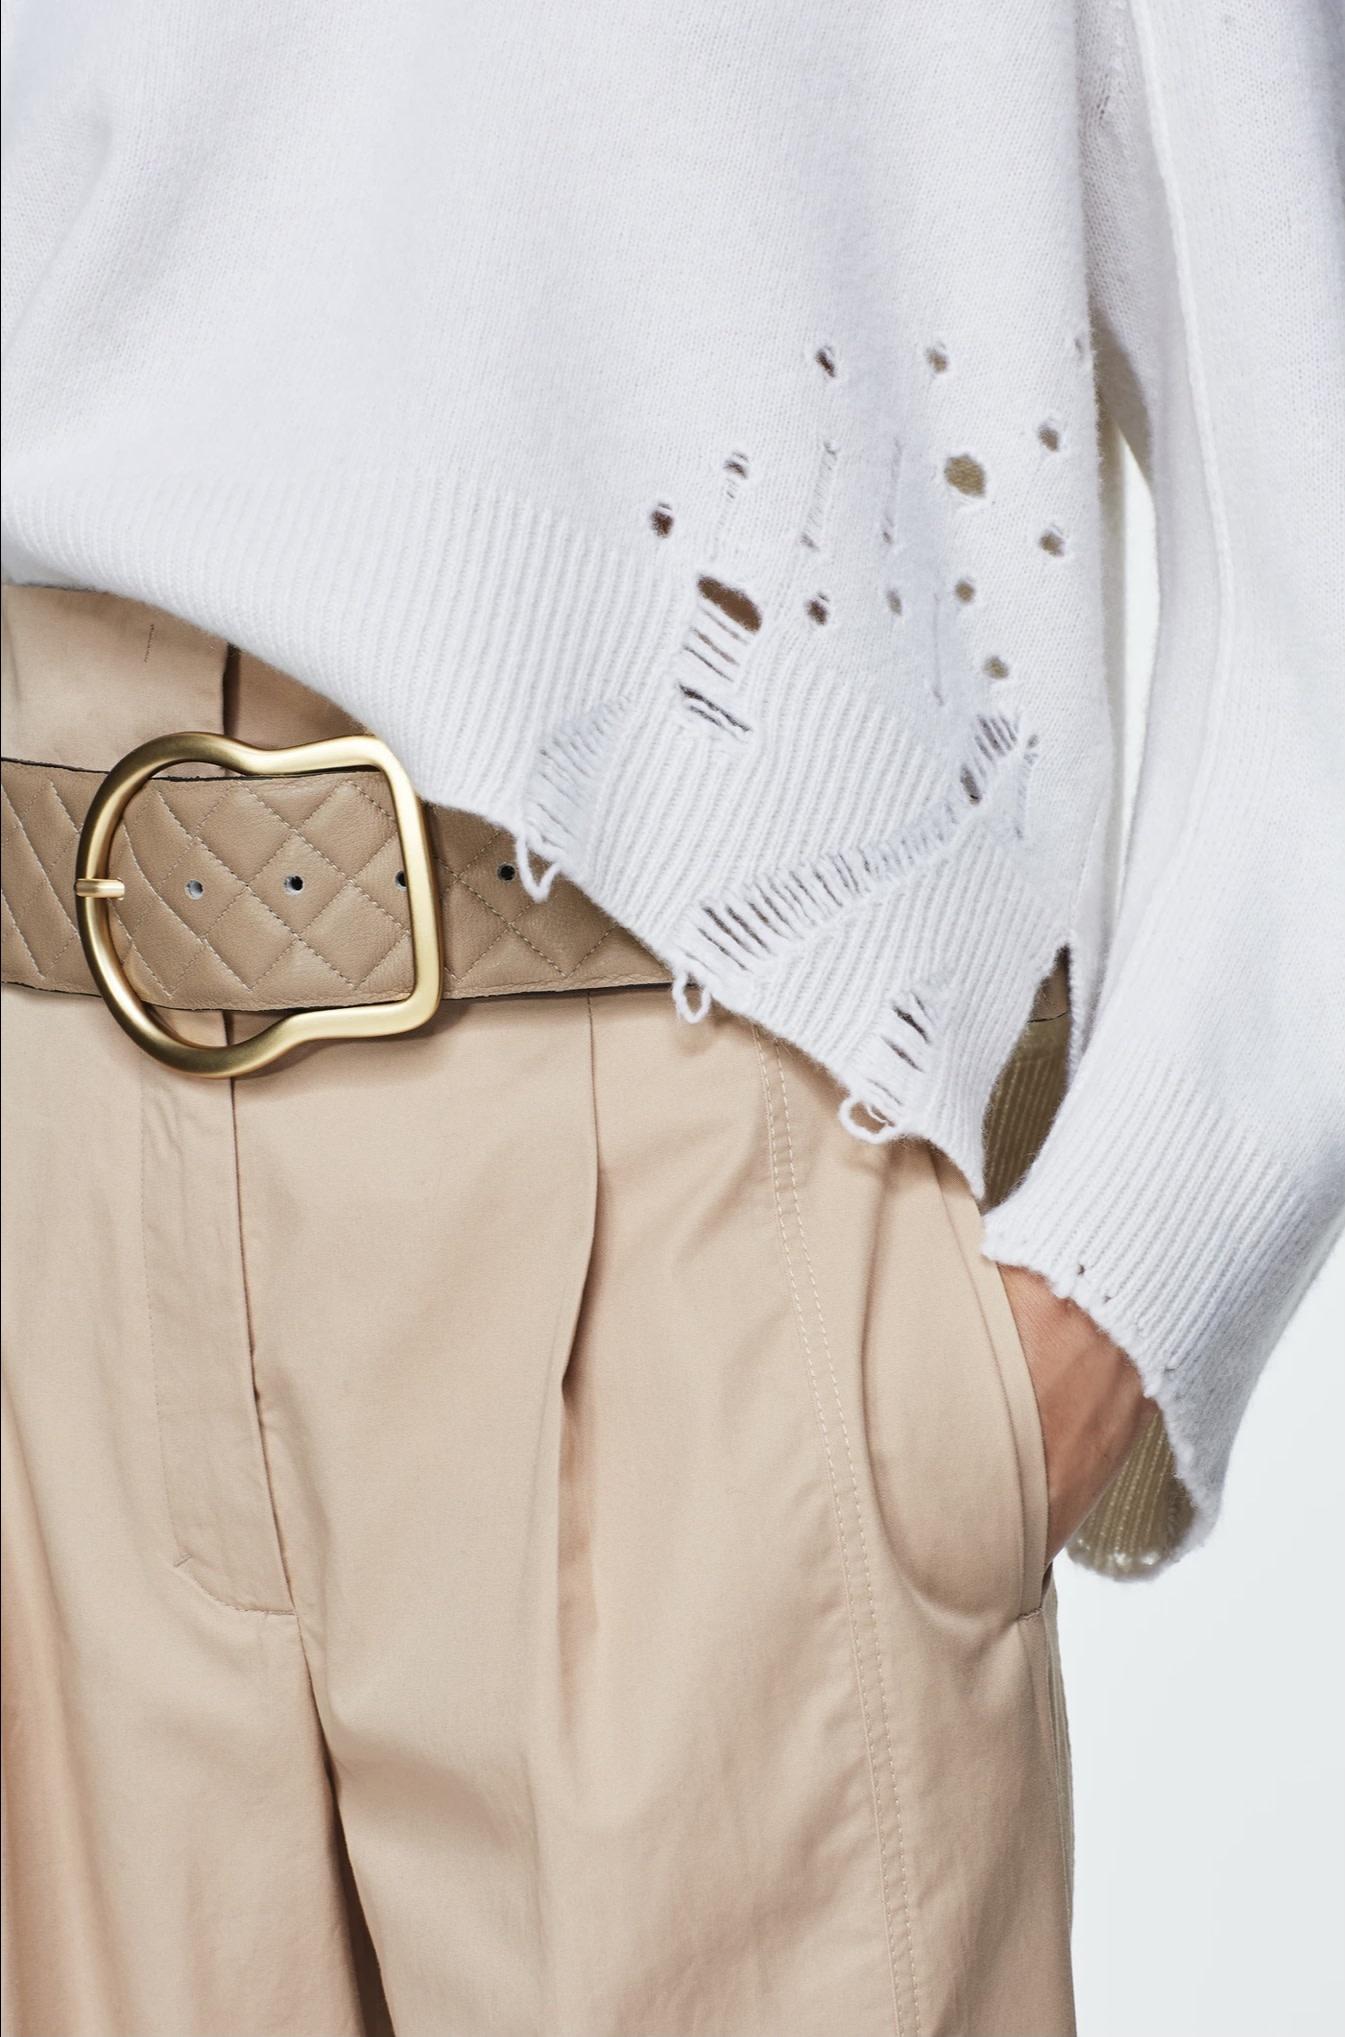 Stitch sensation belt dorothee schumacher-5